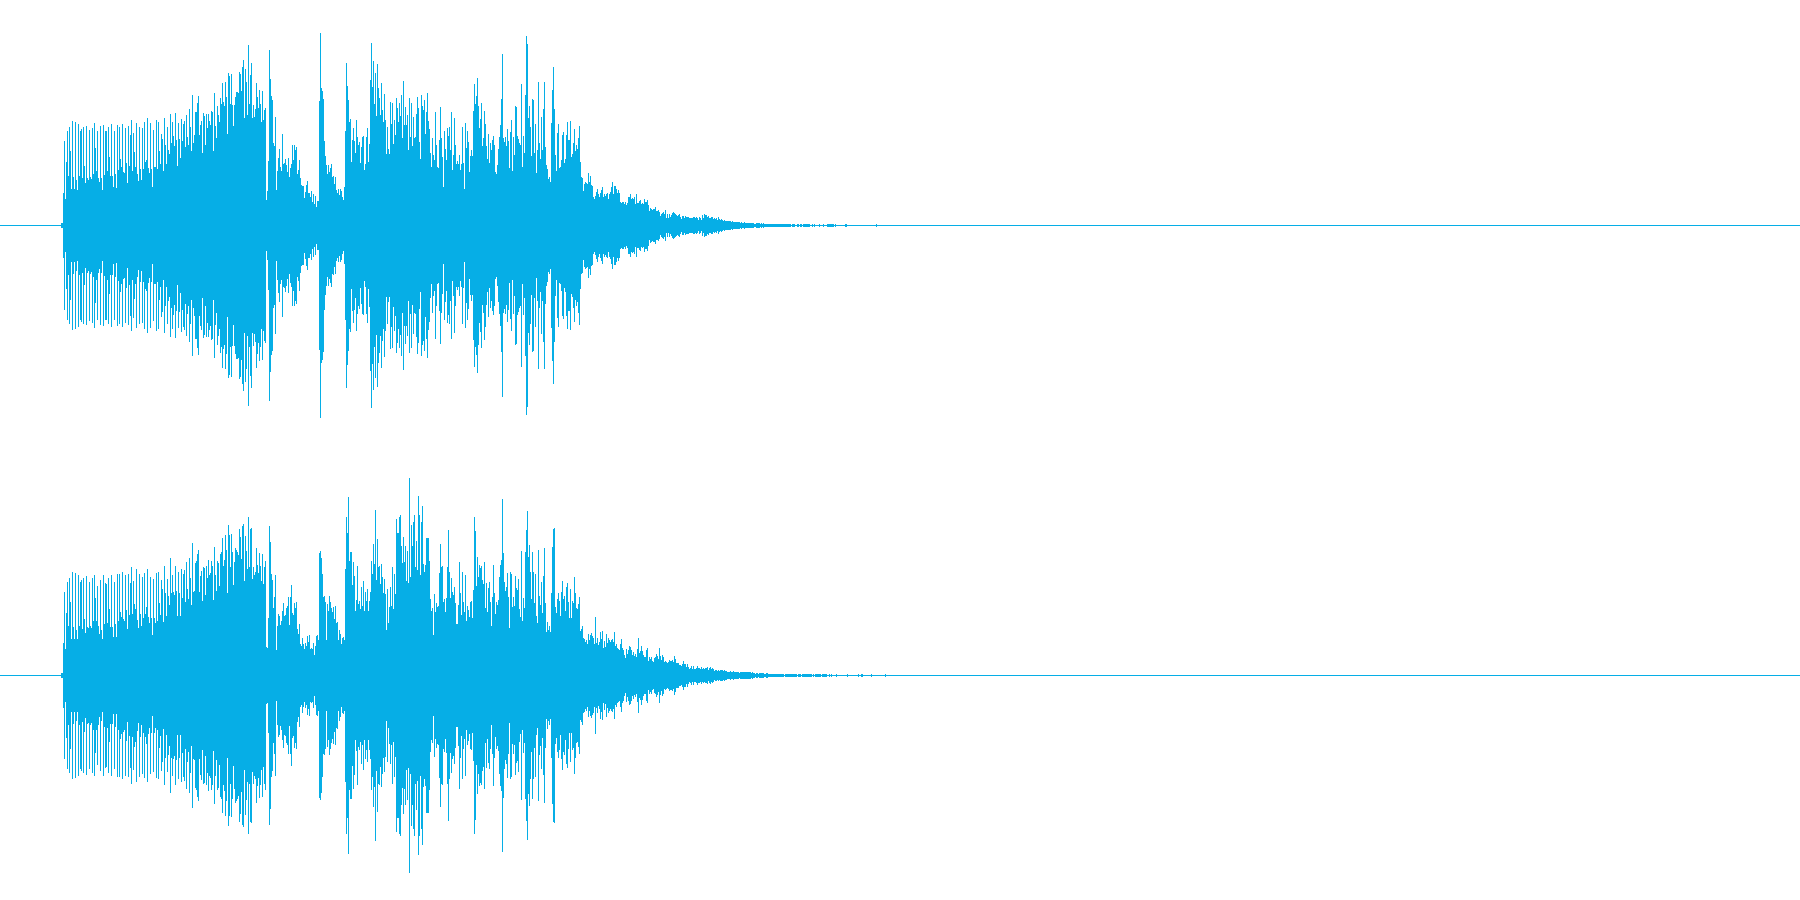 幻想的でキュートな音楽の再生済みの波形